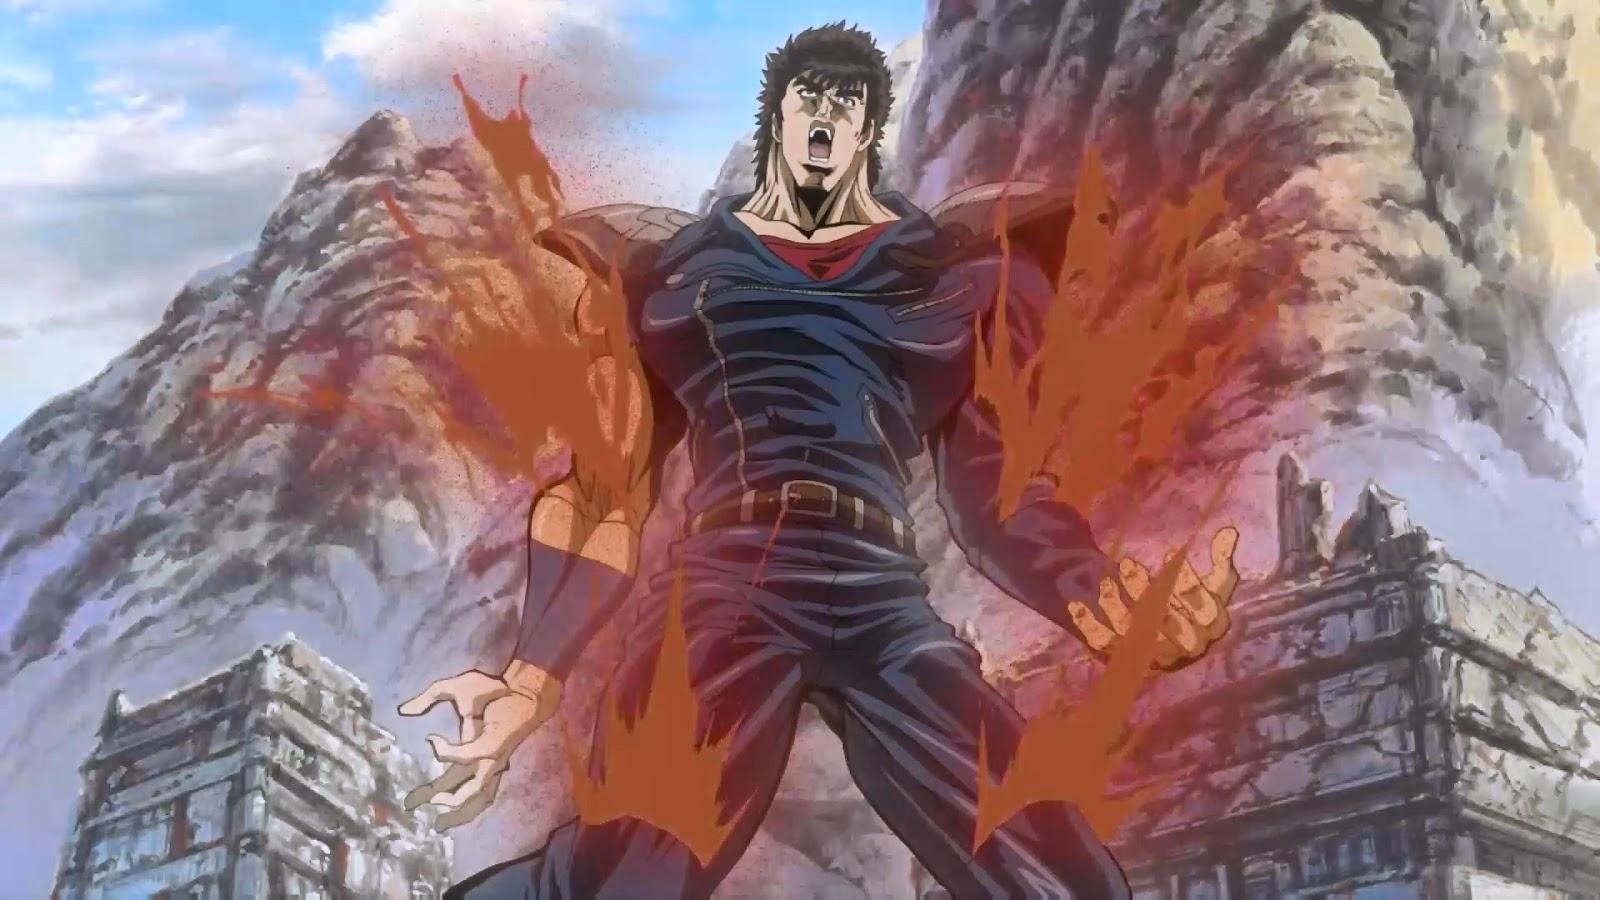 Hokuto no Ken - Shin Kyuseishu Densetsu (BD-Rip 1080p) [2/5]